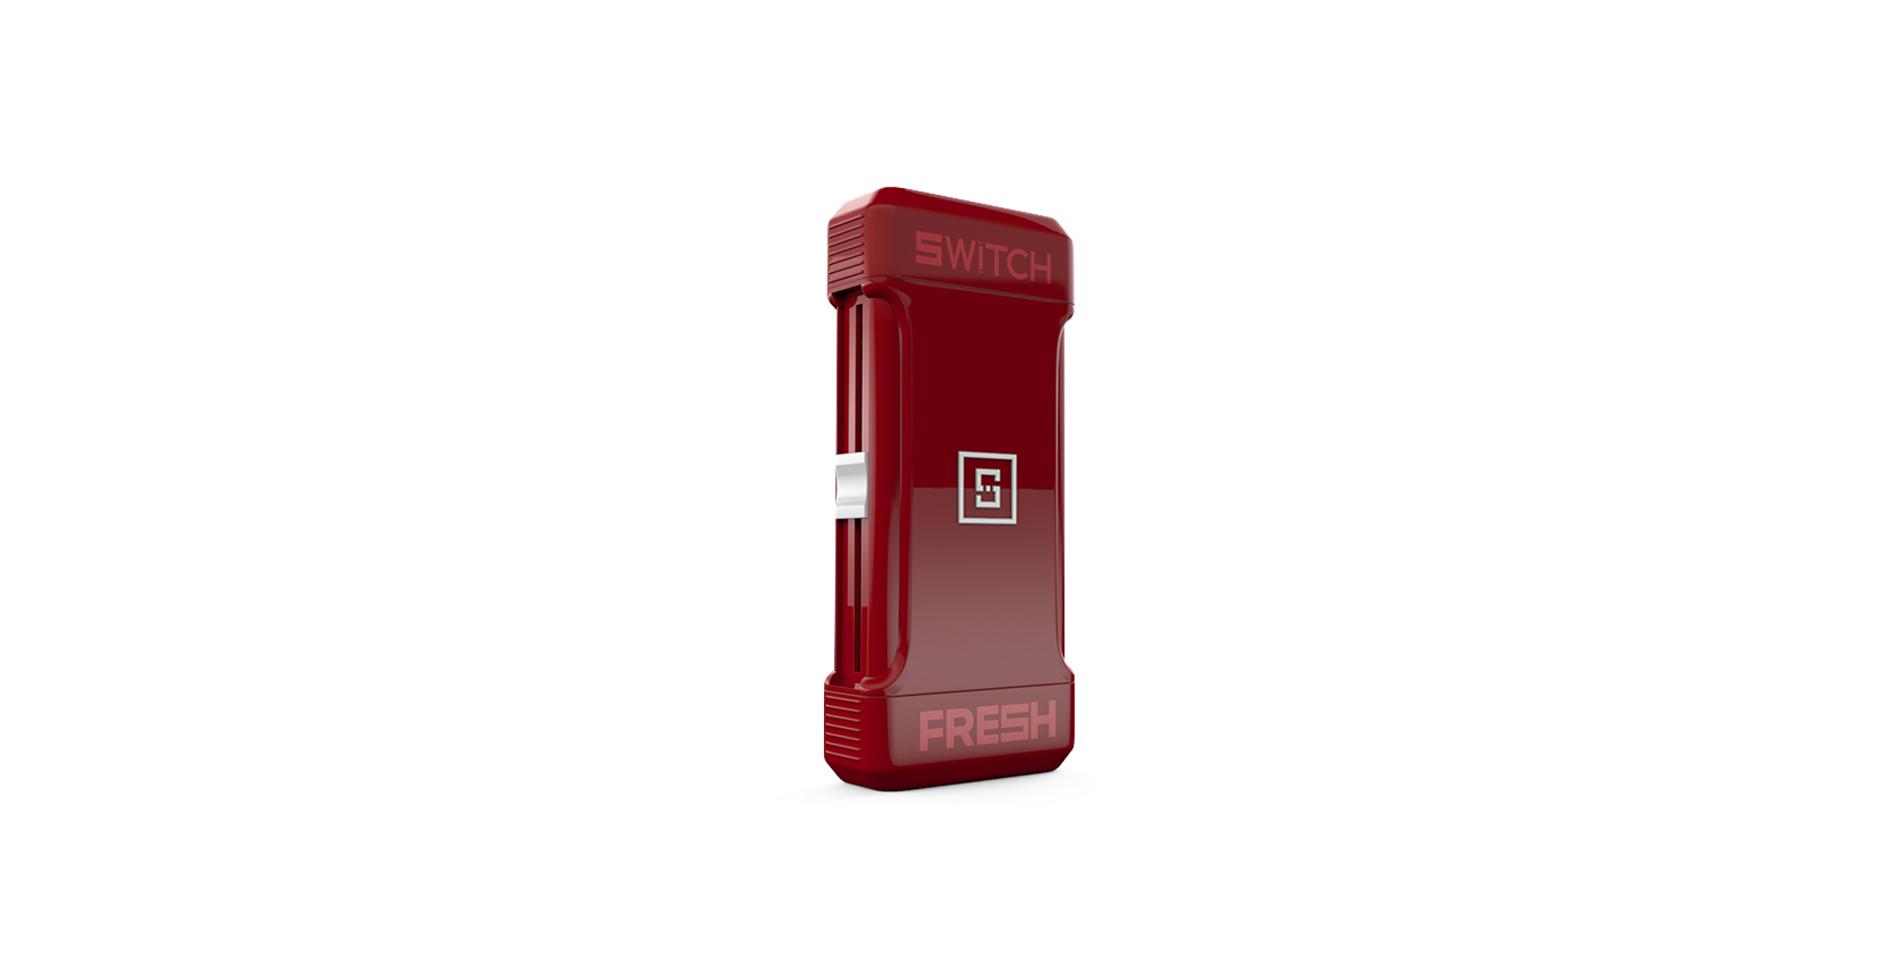 Switch Fresh Design - Bottles red white.jpg